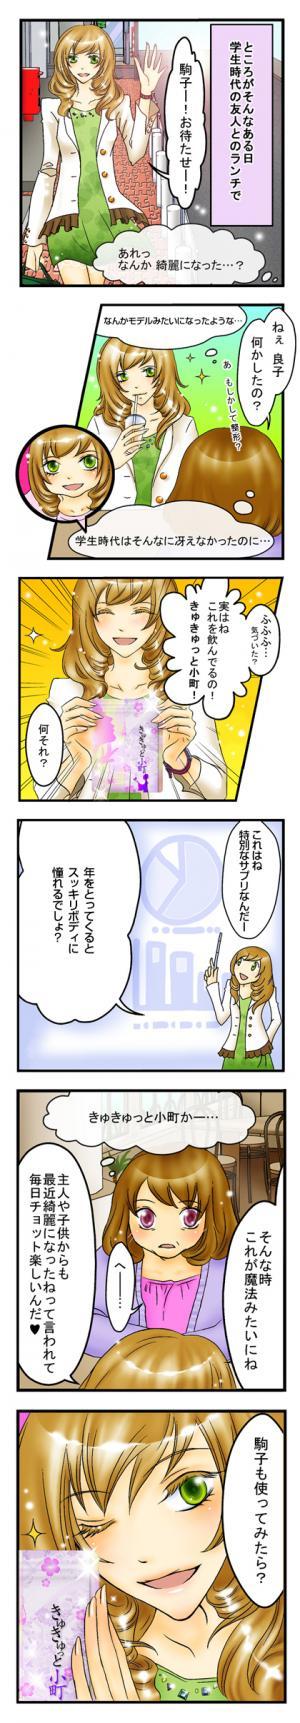 kyukyu_comic_2_convert_20130524143533.jpg